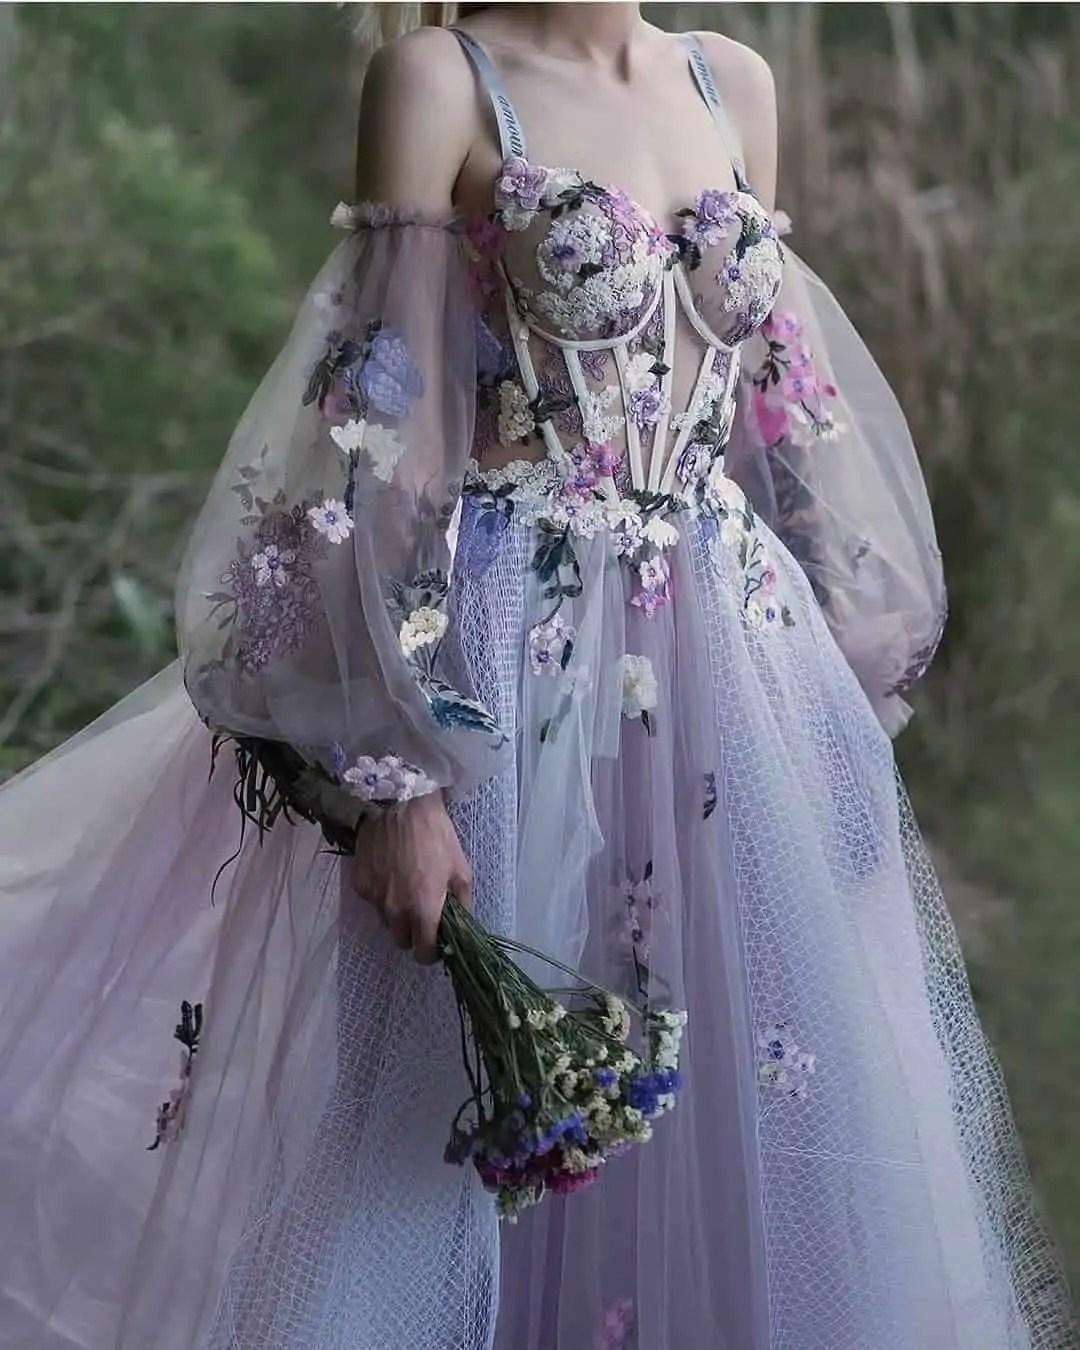 fashion_lover.66_1347637143947644851389986958080559017777252n 5